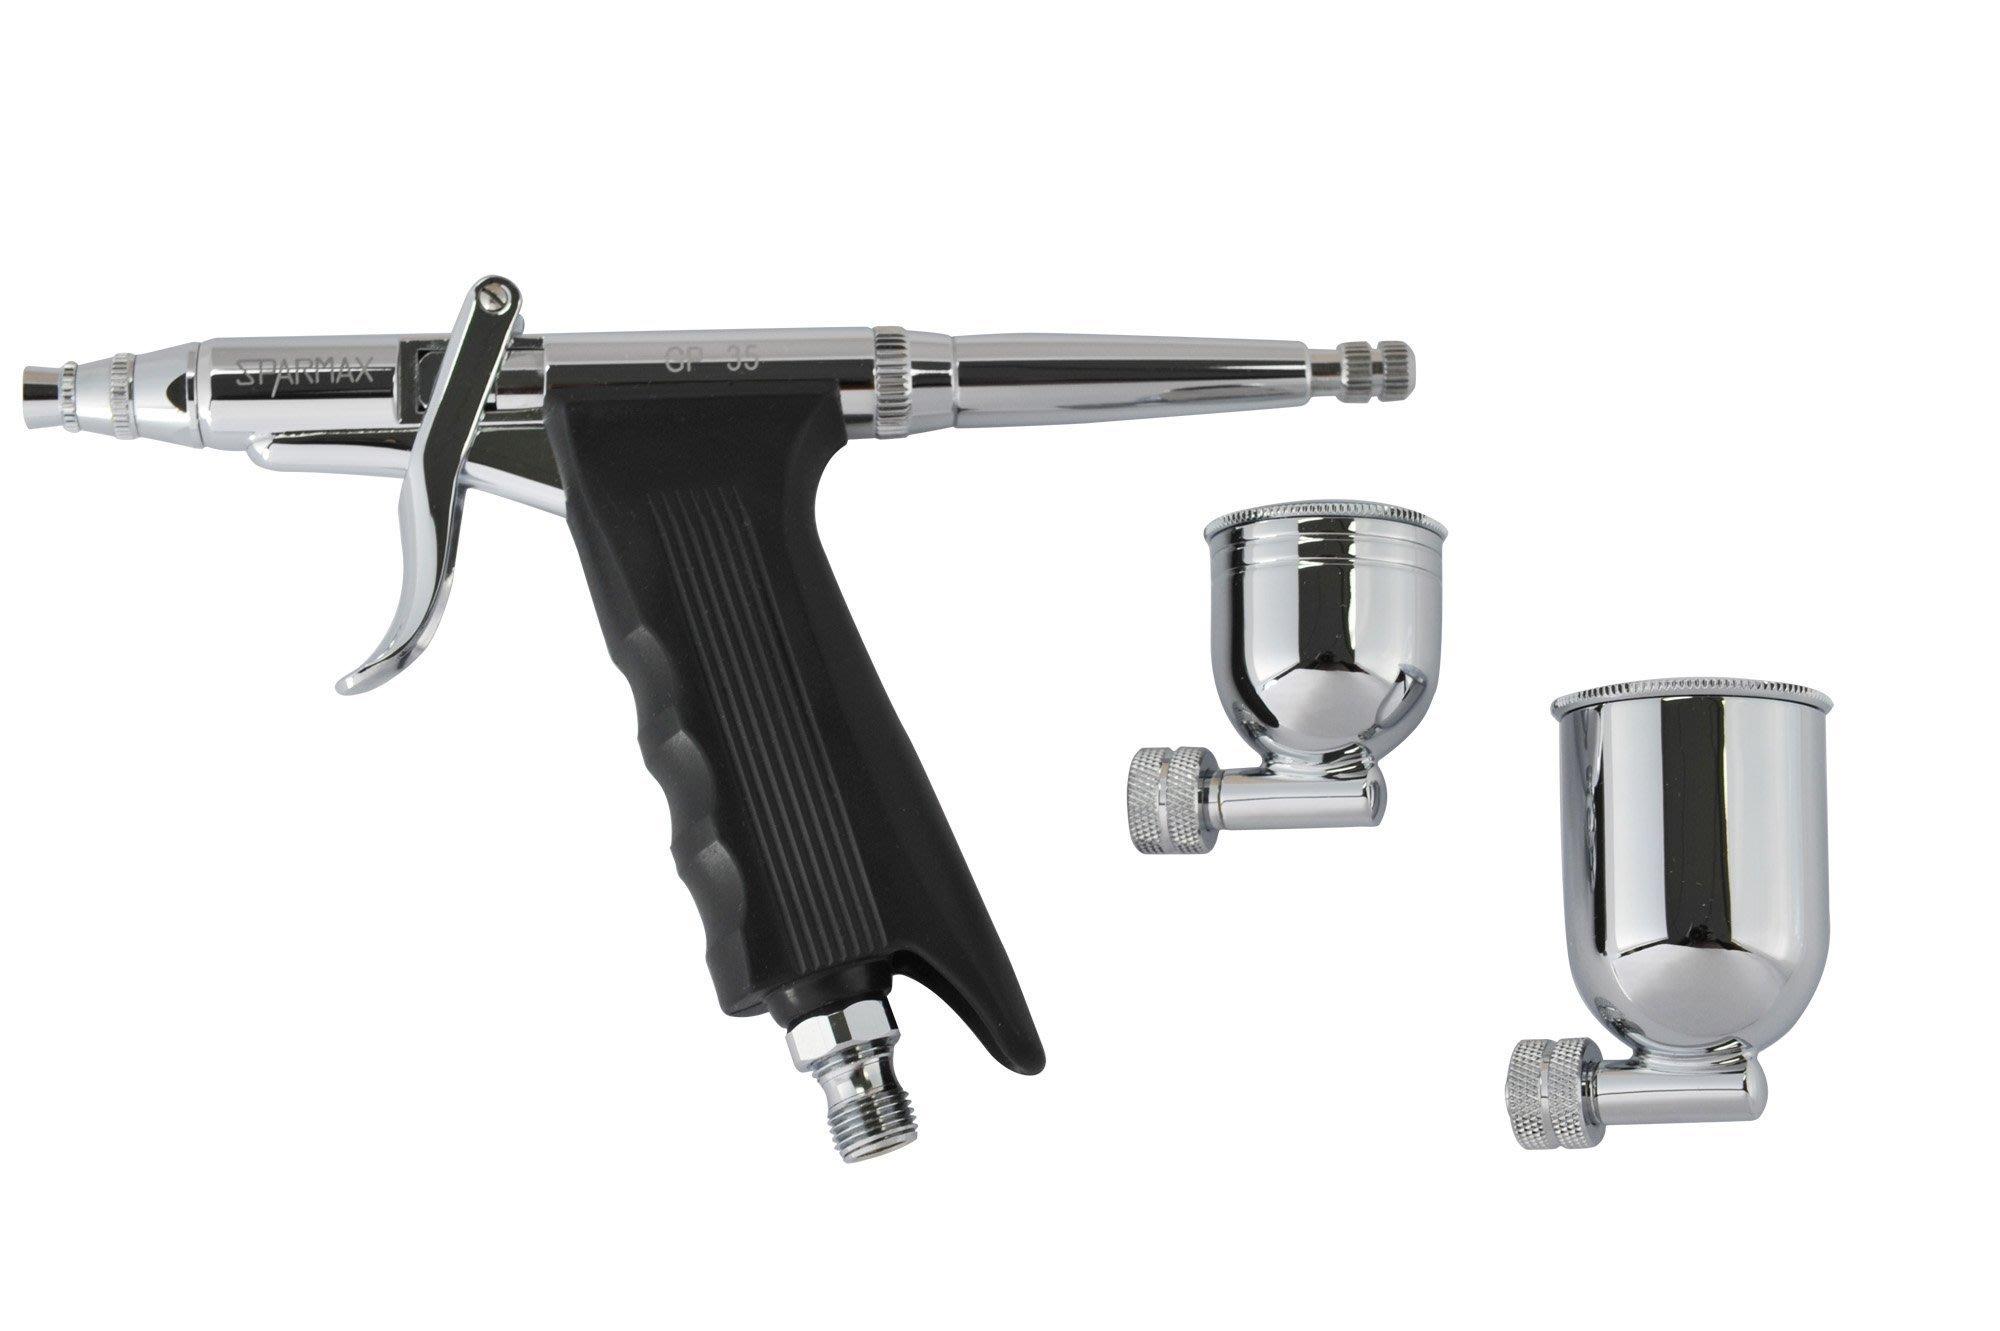 『最便宜噴筆』 SPARMAX 漢弓 GP-35 0.35mm 板機式 模型 美術廣告 彩繪指甲專用噴筆